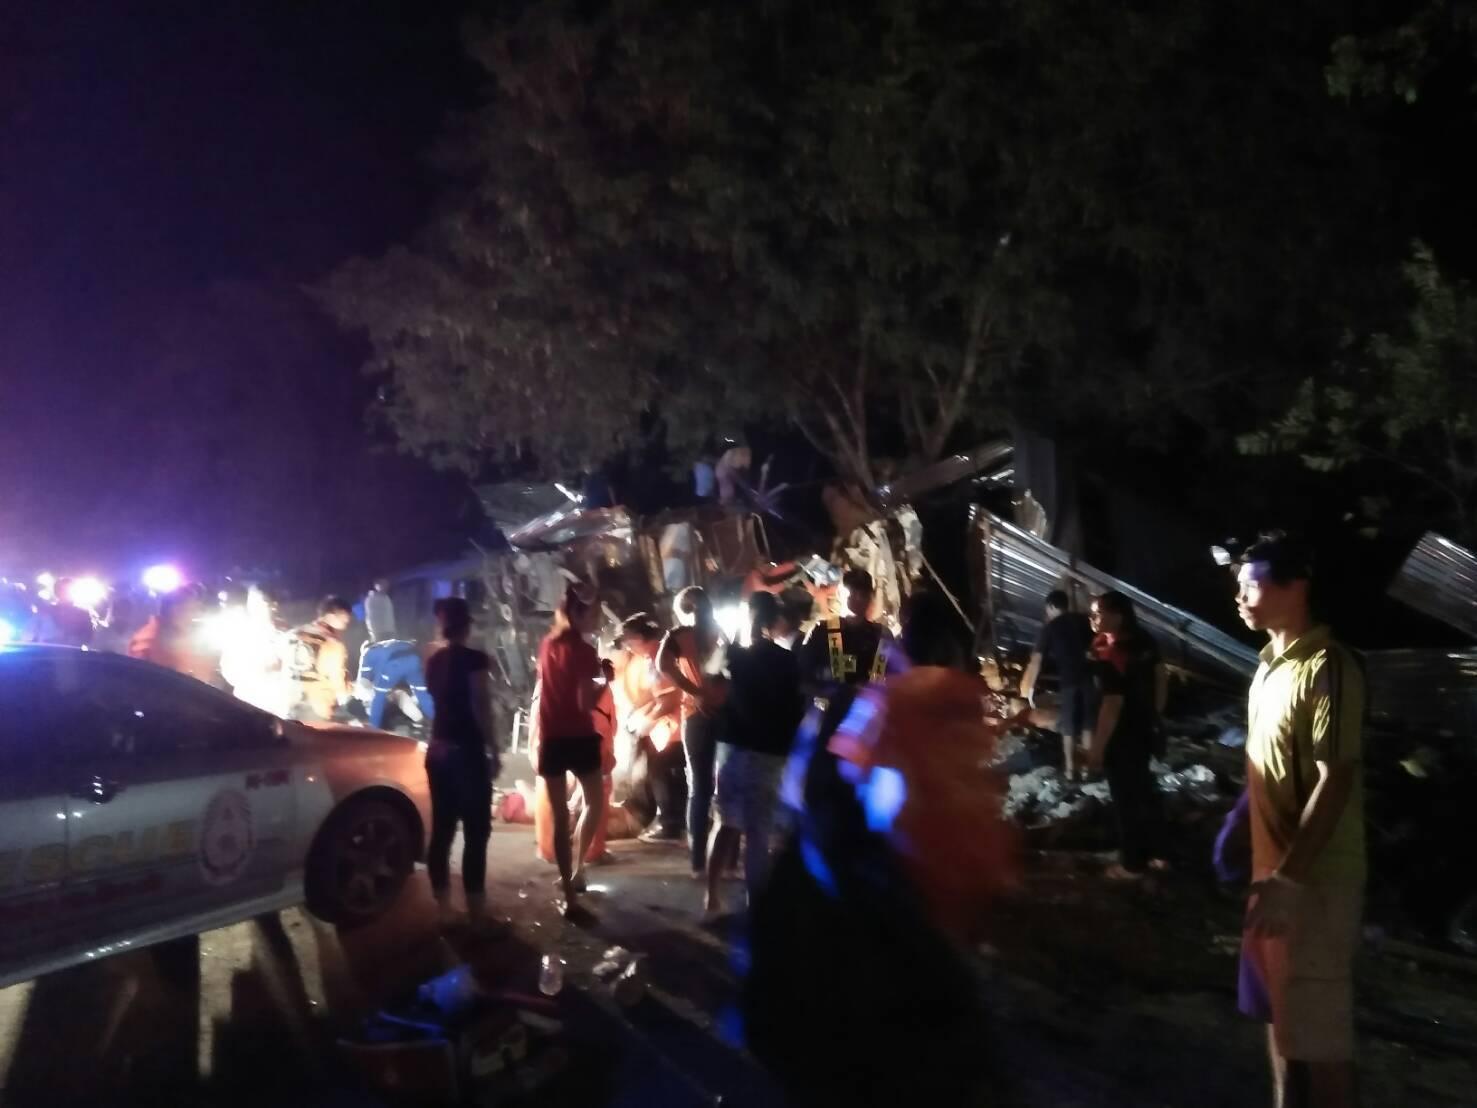 รถทัวร์ข้ามเกาะกลางบริเวณวังน้ำเขียว ตาย 15 คน